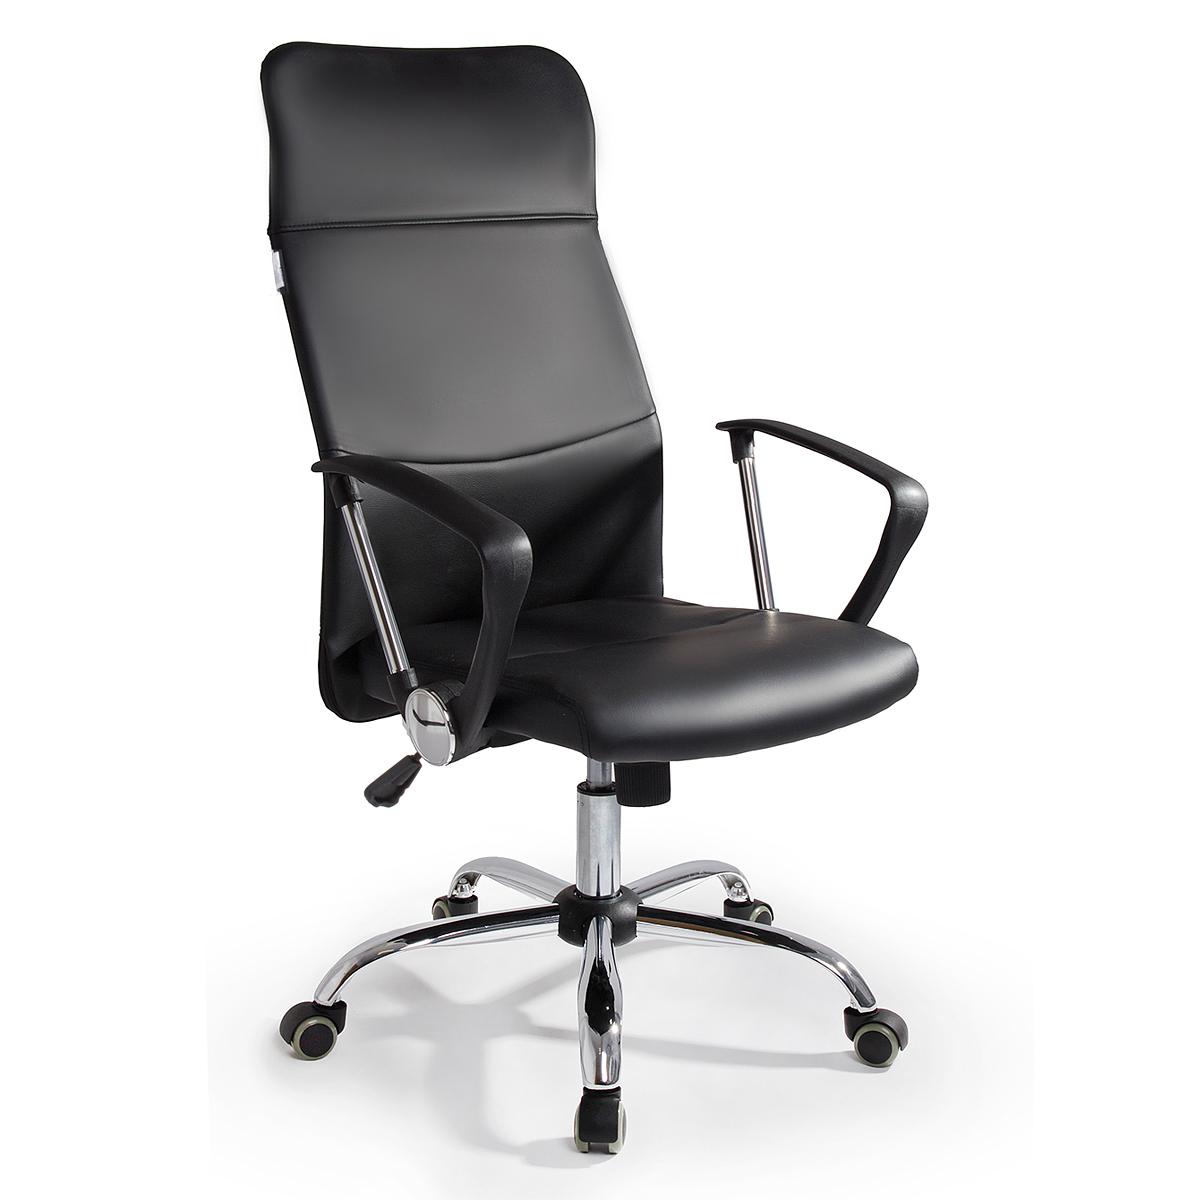 Sedia girevole da ufficio scrivania poltrona direzionale for Sedia ufficio direzionale